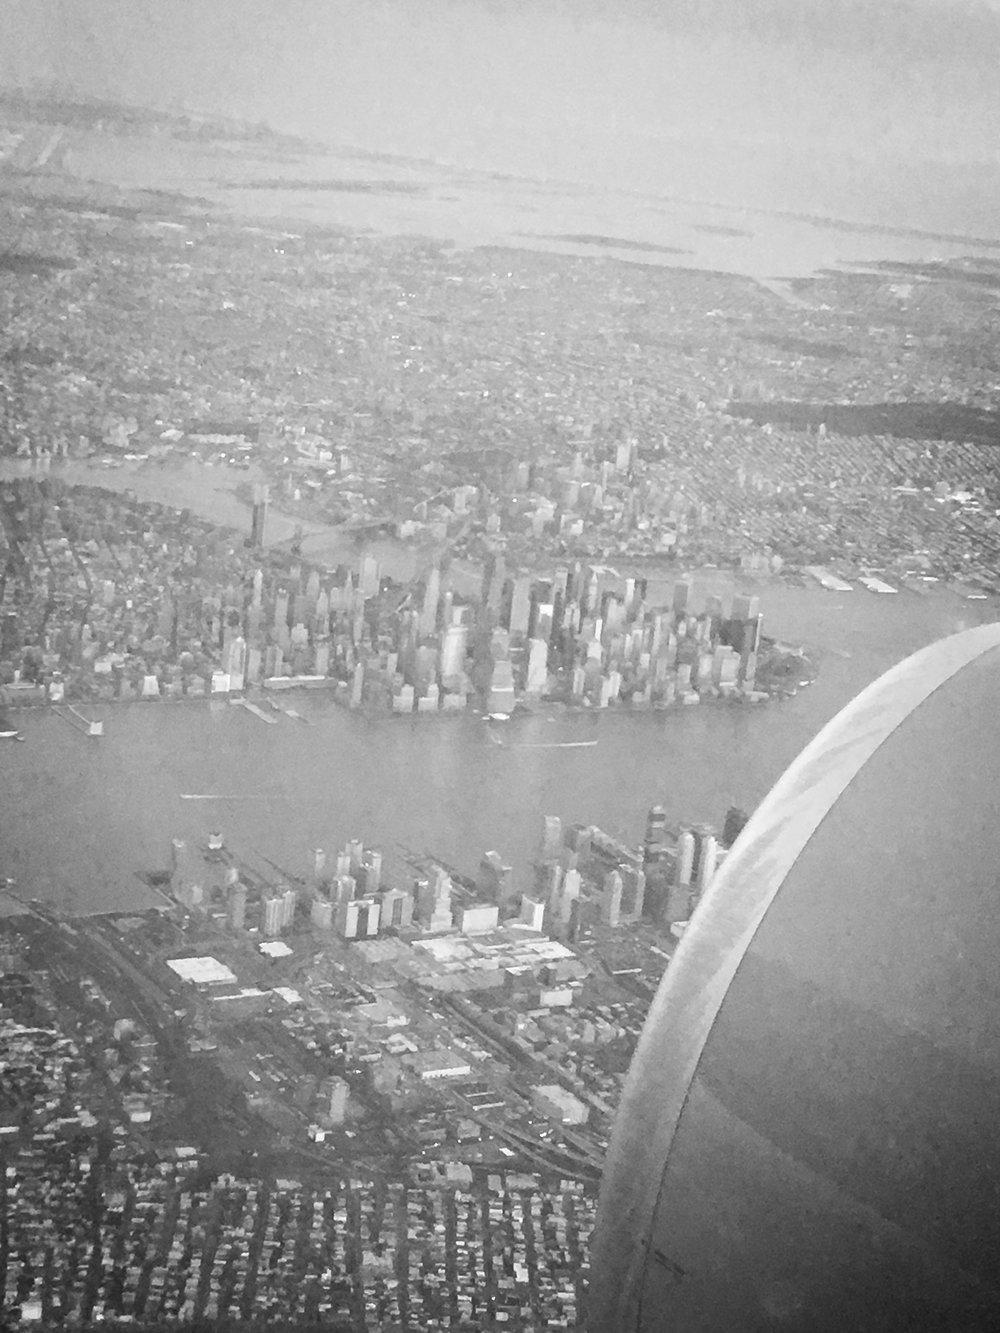 Fullbokad - Pris per person i dubbelrum 15 990 krPris per person i enkelrum 19 590 krBarnrabatt för barn t.o.m. 11 år 990 krI PRISET INGÅRFlygresa Arlanda – New York t/rSkatterBagage 1 väska + 1 handbagageMat på flyget5 nätter på Hotel Doubletree Hilton Times Square WestFrukostTransfer flygplats – hotell med svensk guideStadsrundtur Manhattan med svensk guideRundtur på Madison Square GardenTransfer t/r ut till Nassau ColiseumTransfer hotell – flygplats med svensk guideMatchbiljetter tillNew York Rangers – Tampa Bay LightningNew York Islanders – Toronto Maple LeafsNew York Rangers – Montreal CanadiensViktig information gällandeinresa till USA (ESTA)Resevillkor Supreme Travel Sweden AB(Ladda hem)